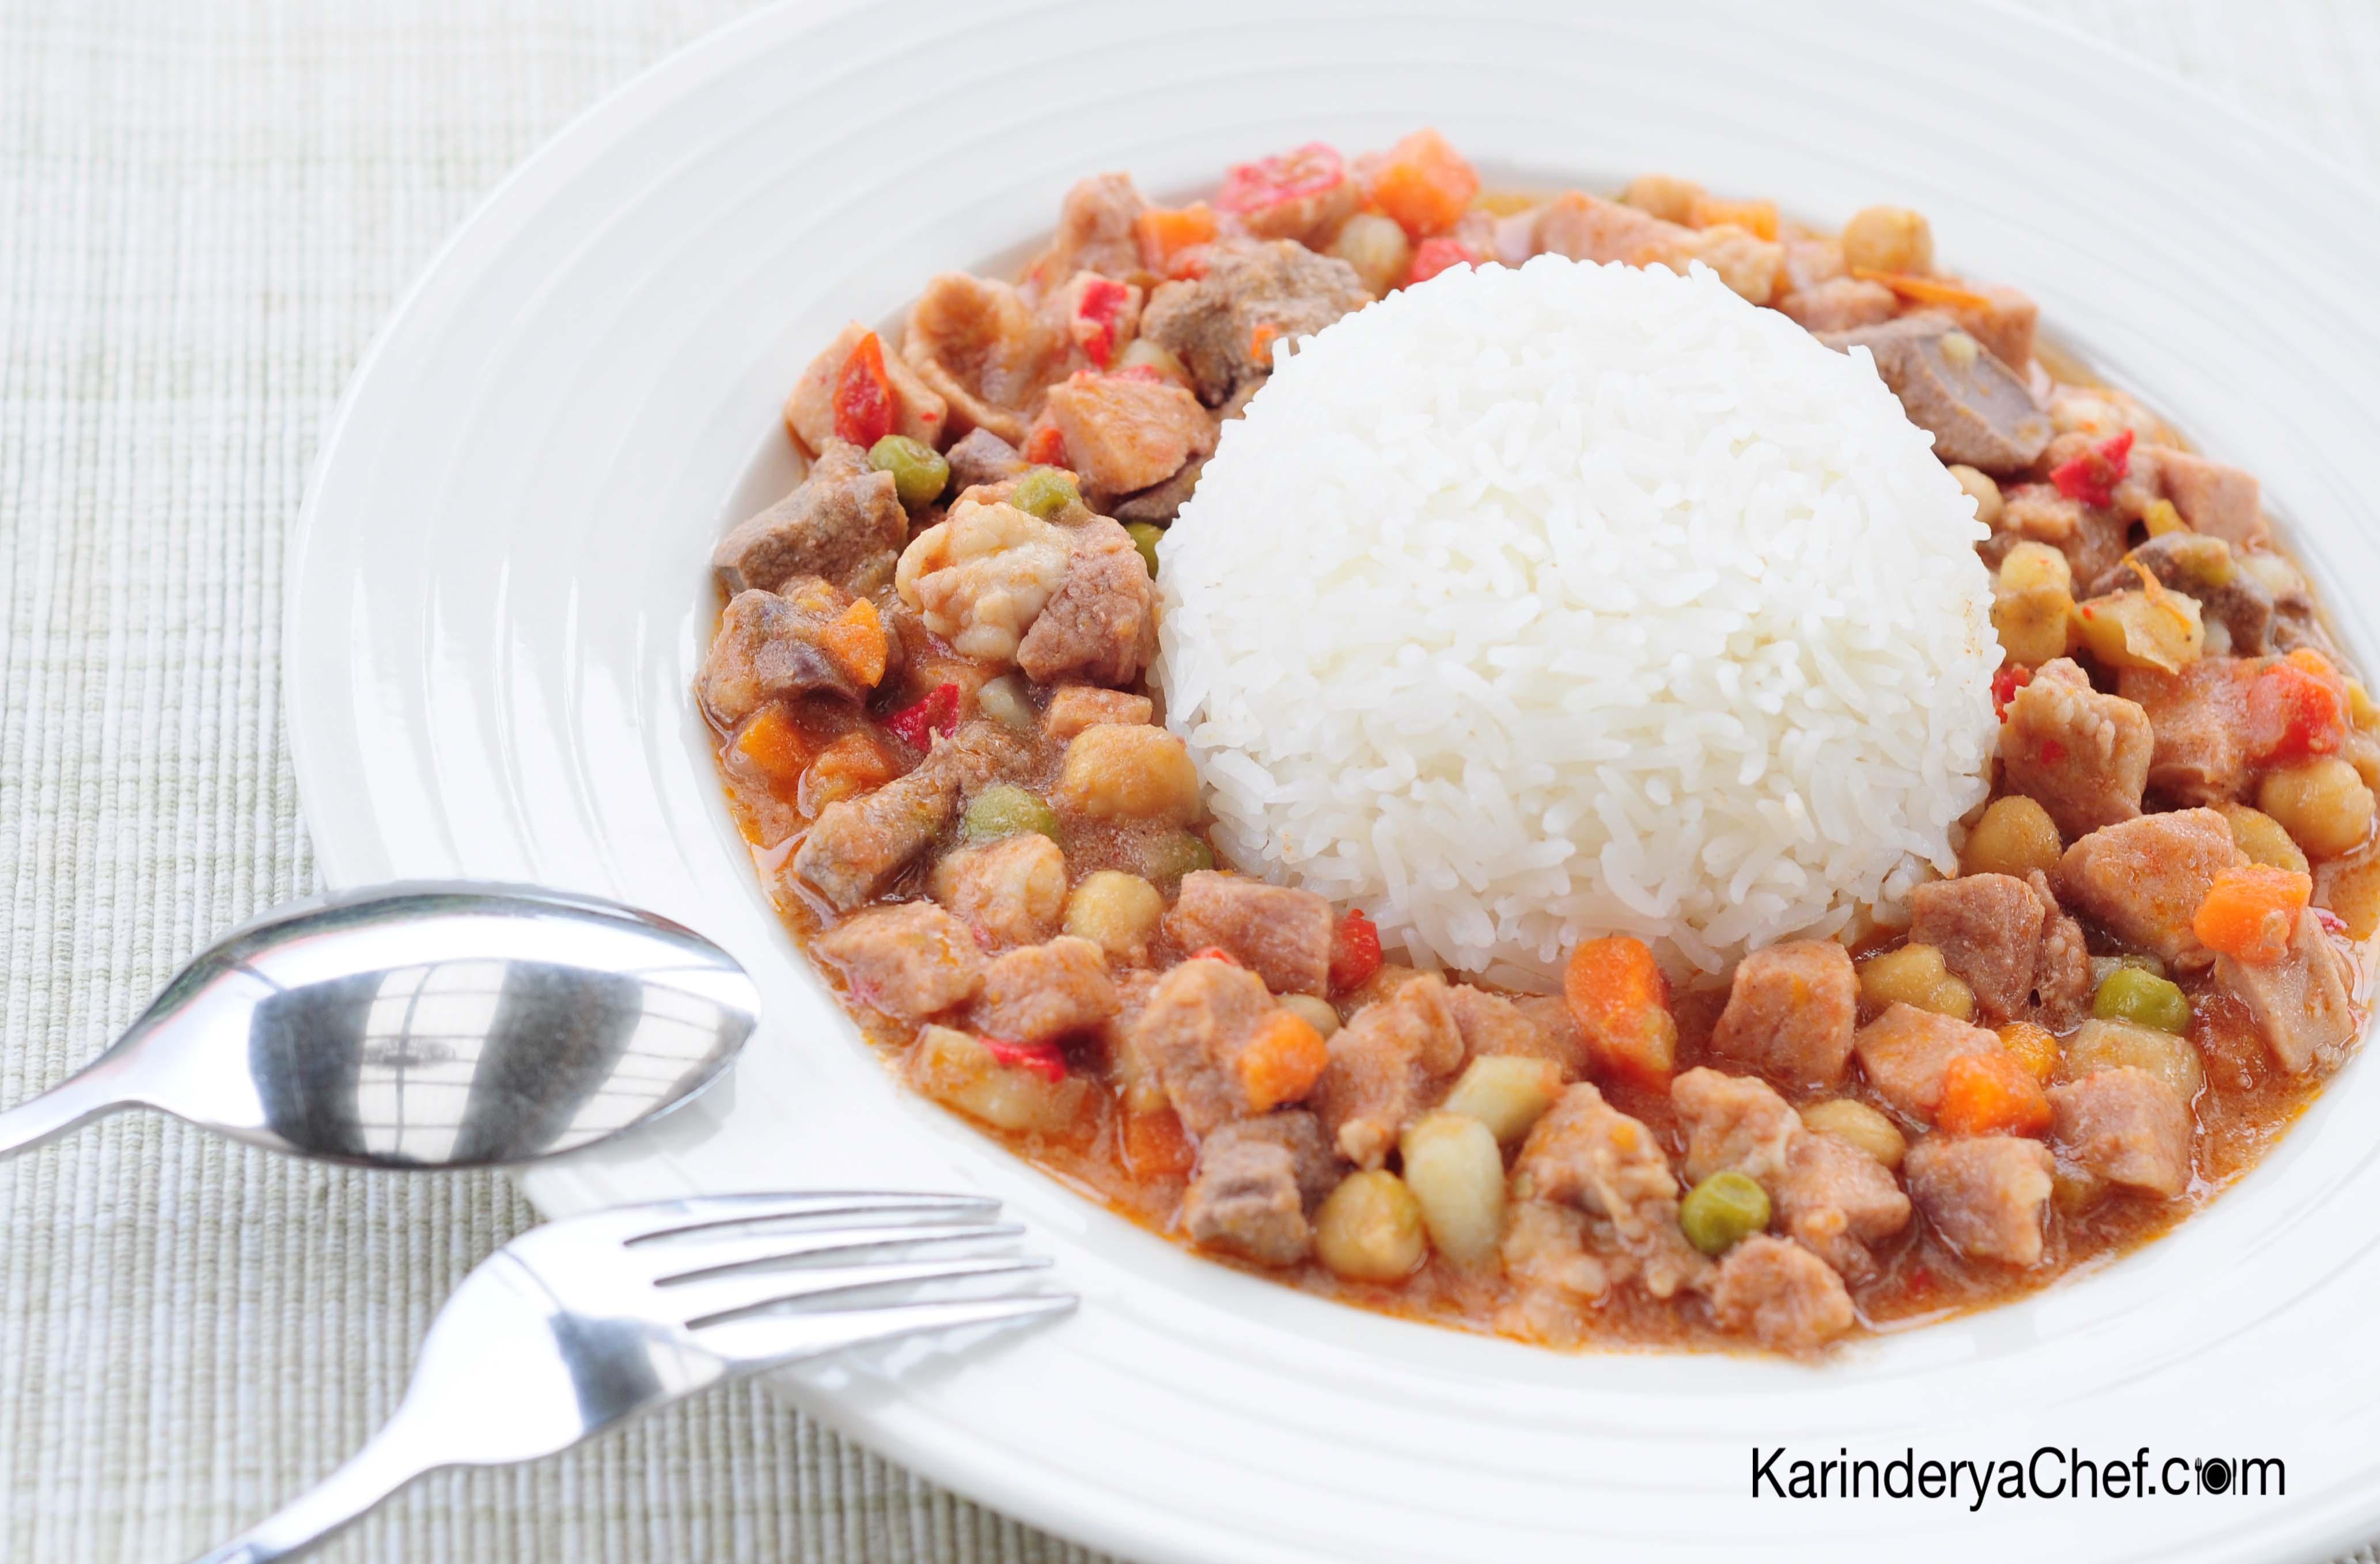 KarinderyaChef's Pork Menudo